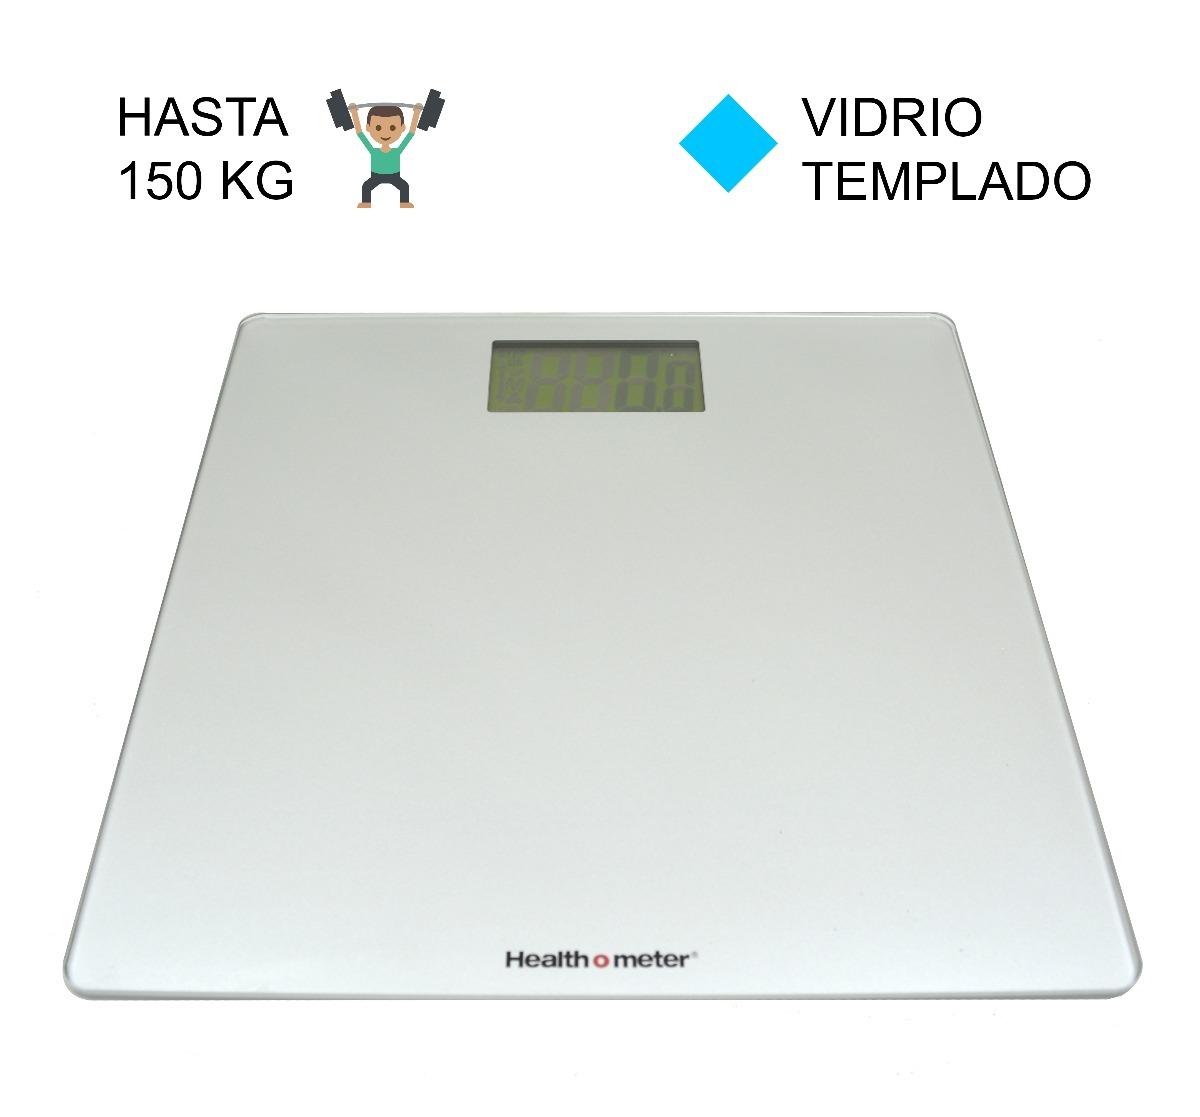 Bascula digital vidrio templado fitness dieta presicion ba o en mercado libre - Bascula de bano digital ...